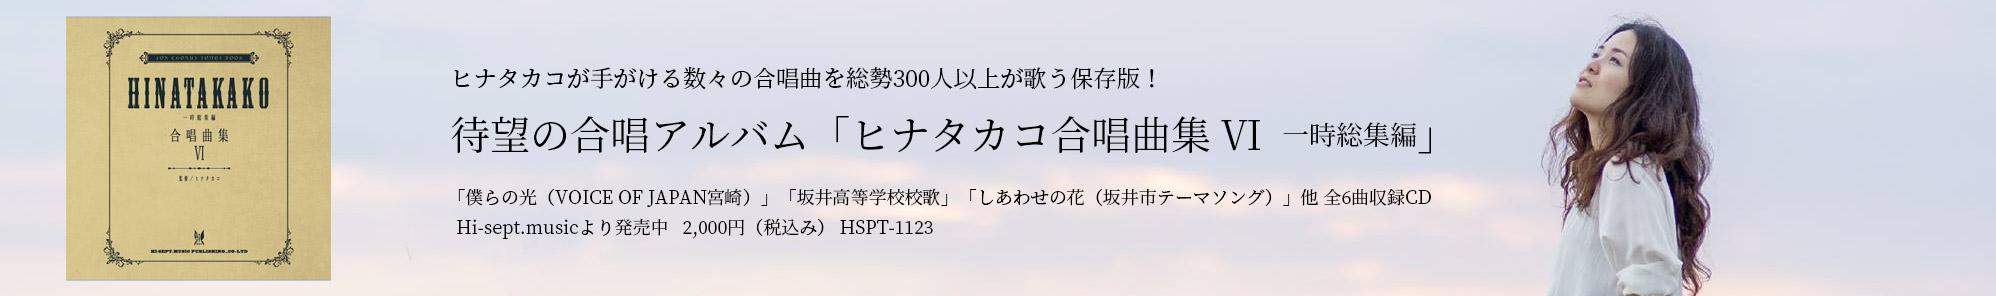 待望の合唱アルバム「ヒナタカコ合唱曲集 Ⅵ  一時総集編」